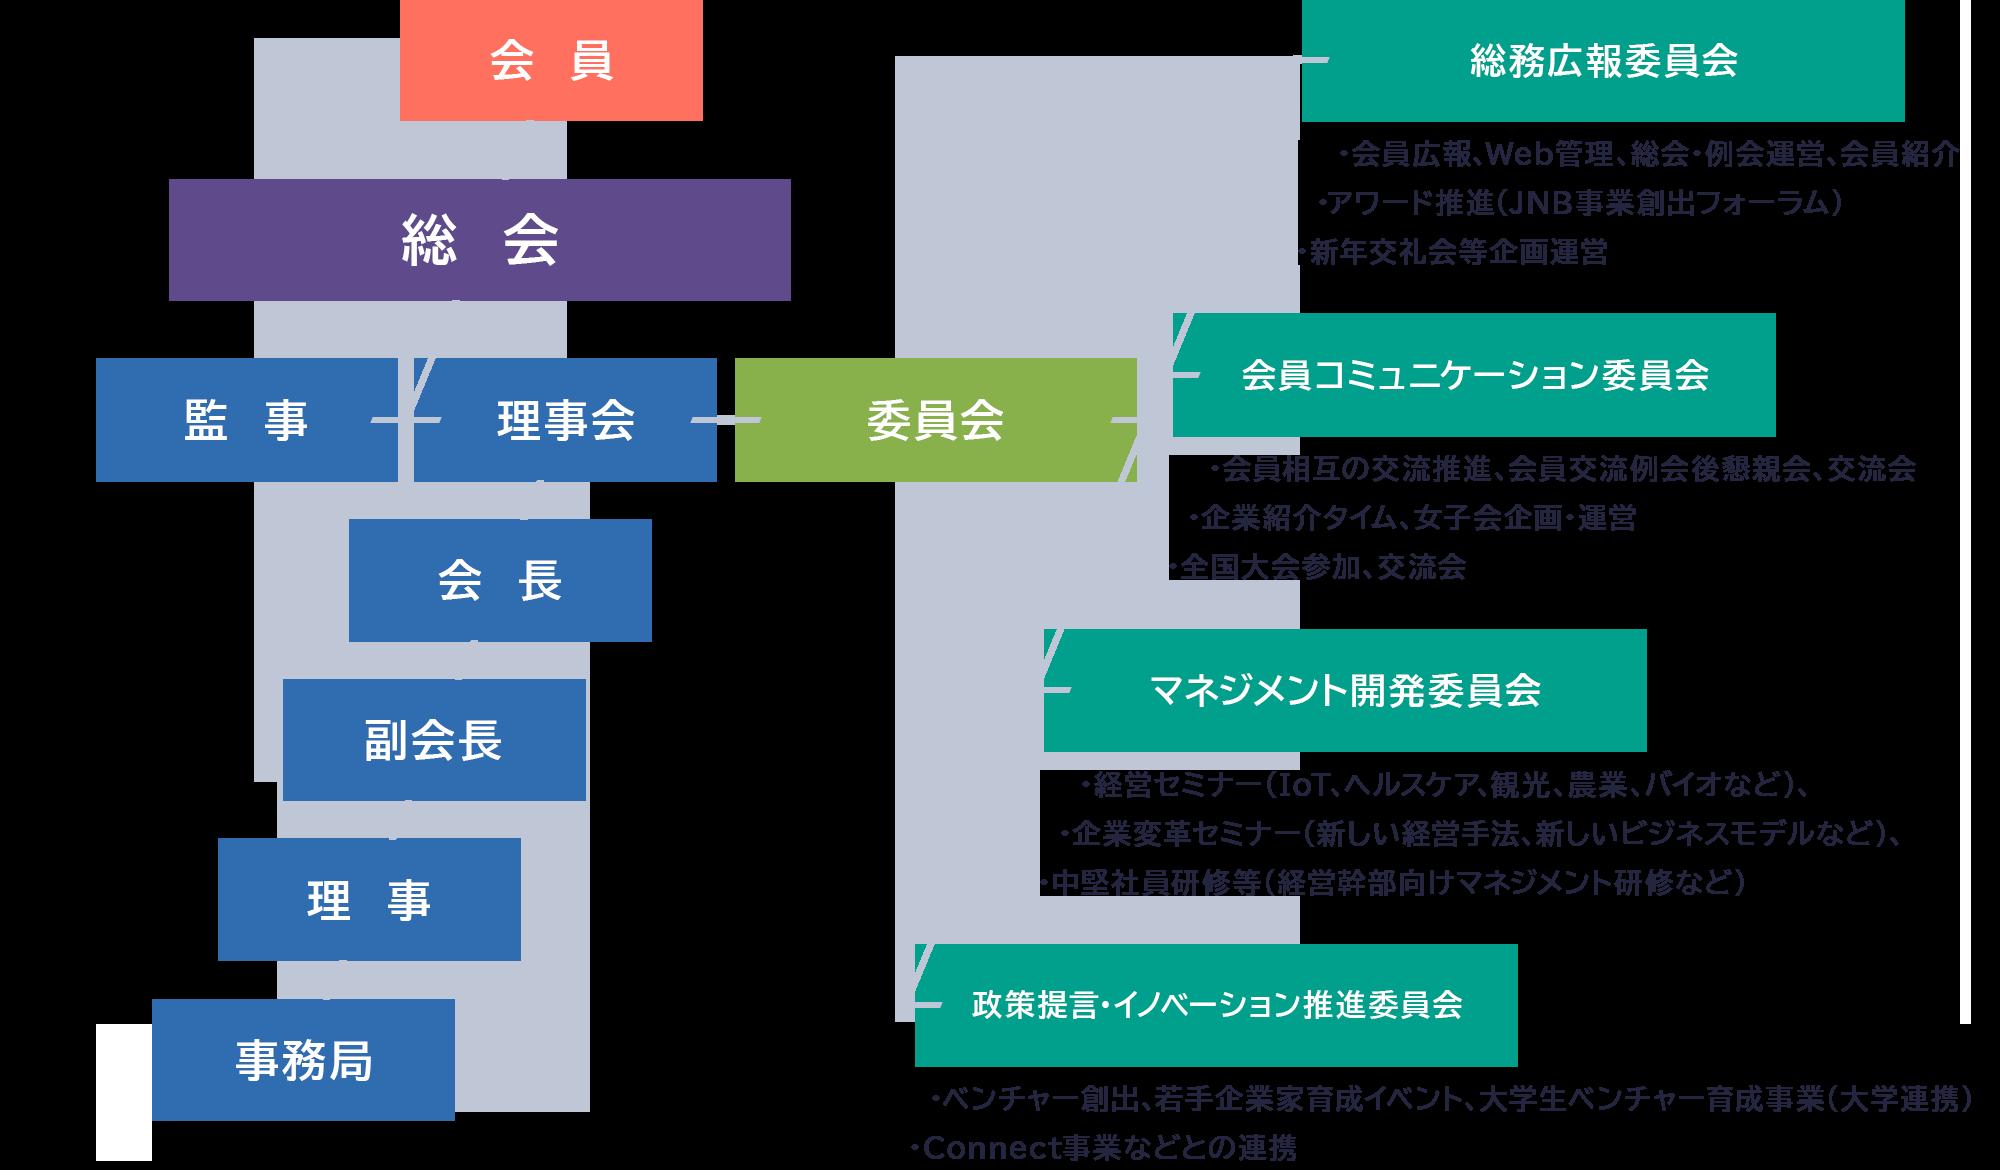 北海道ニュービジネス協議会組織図